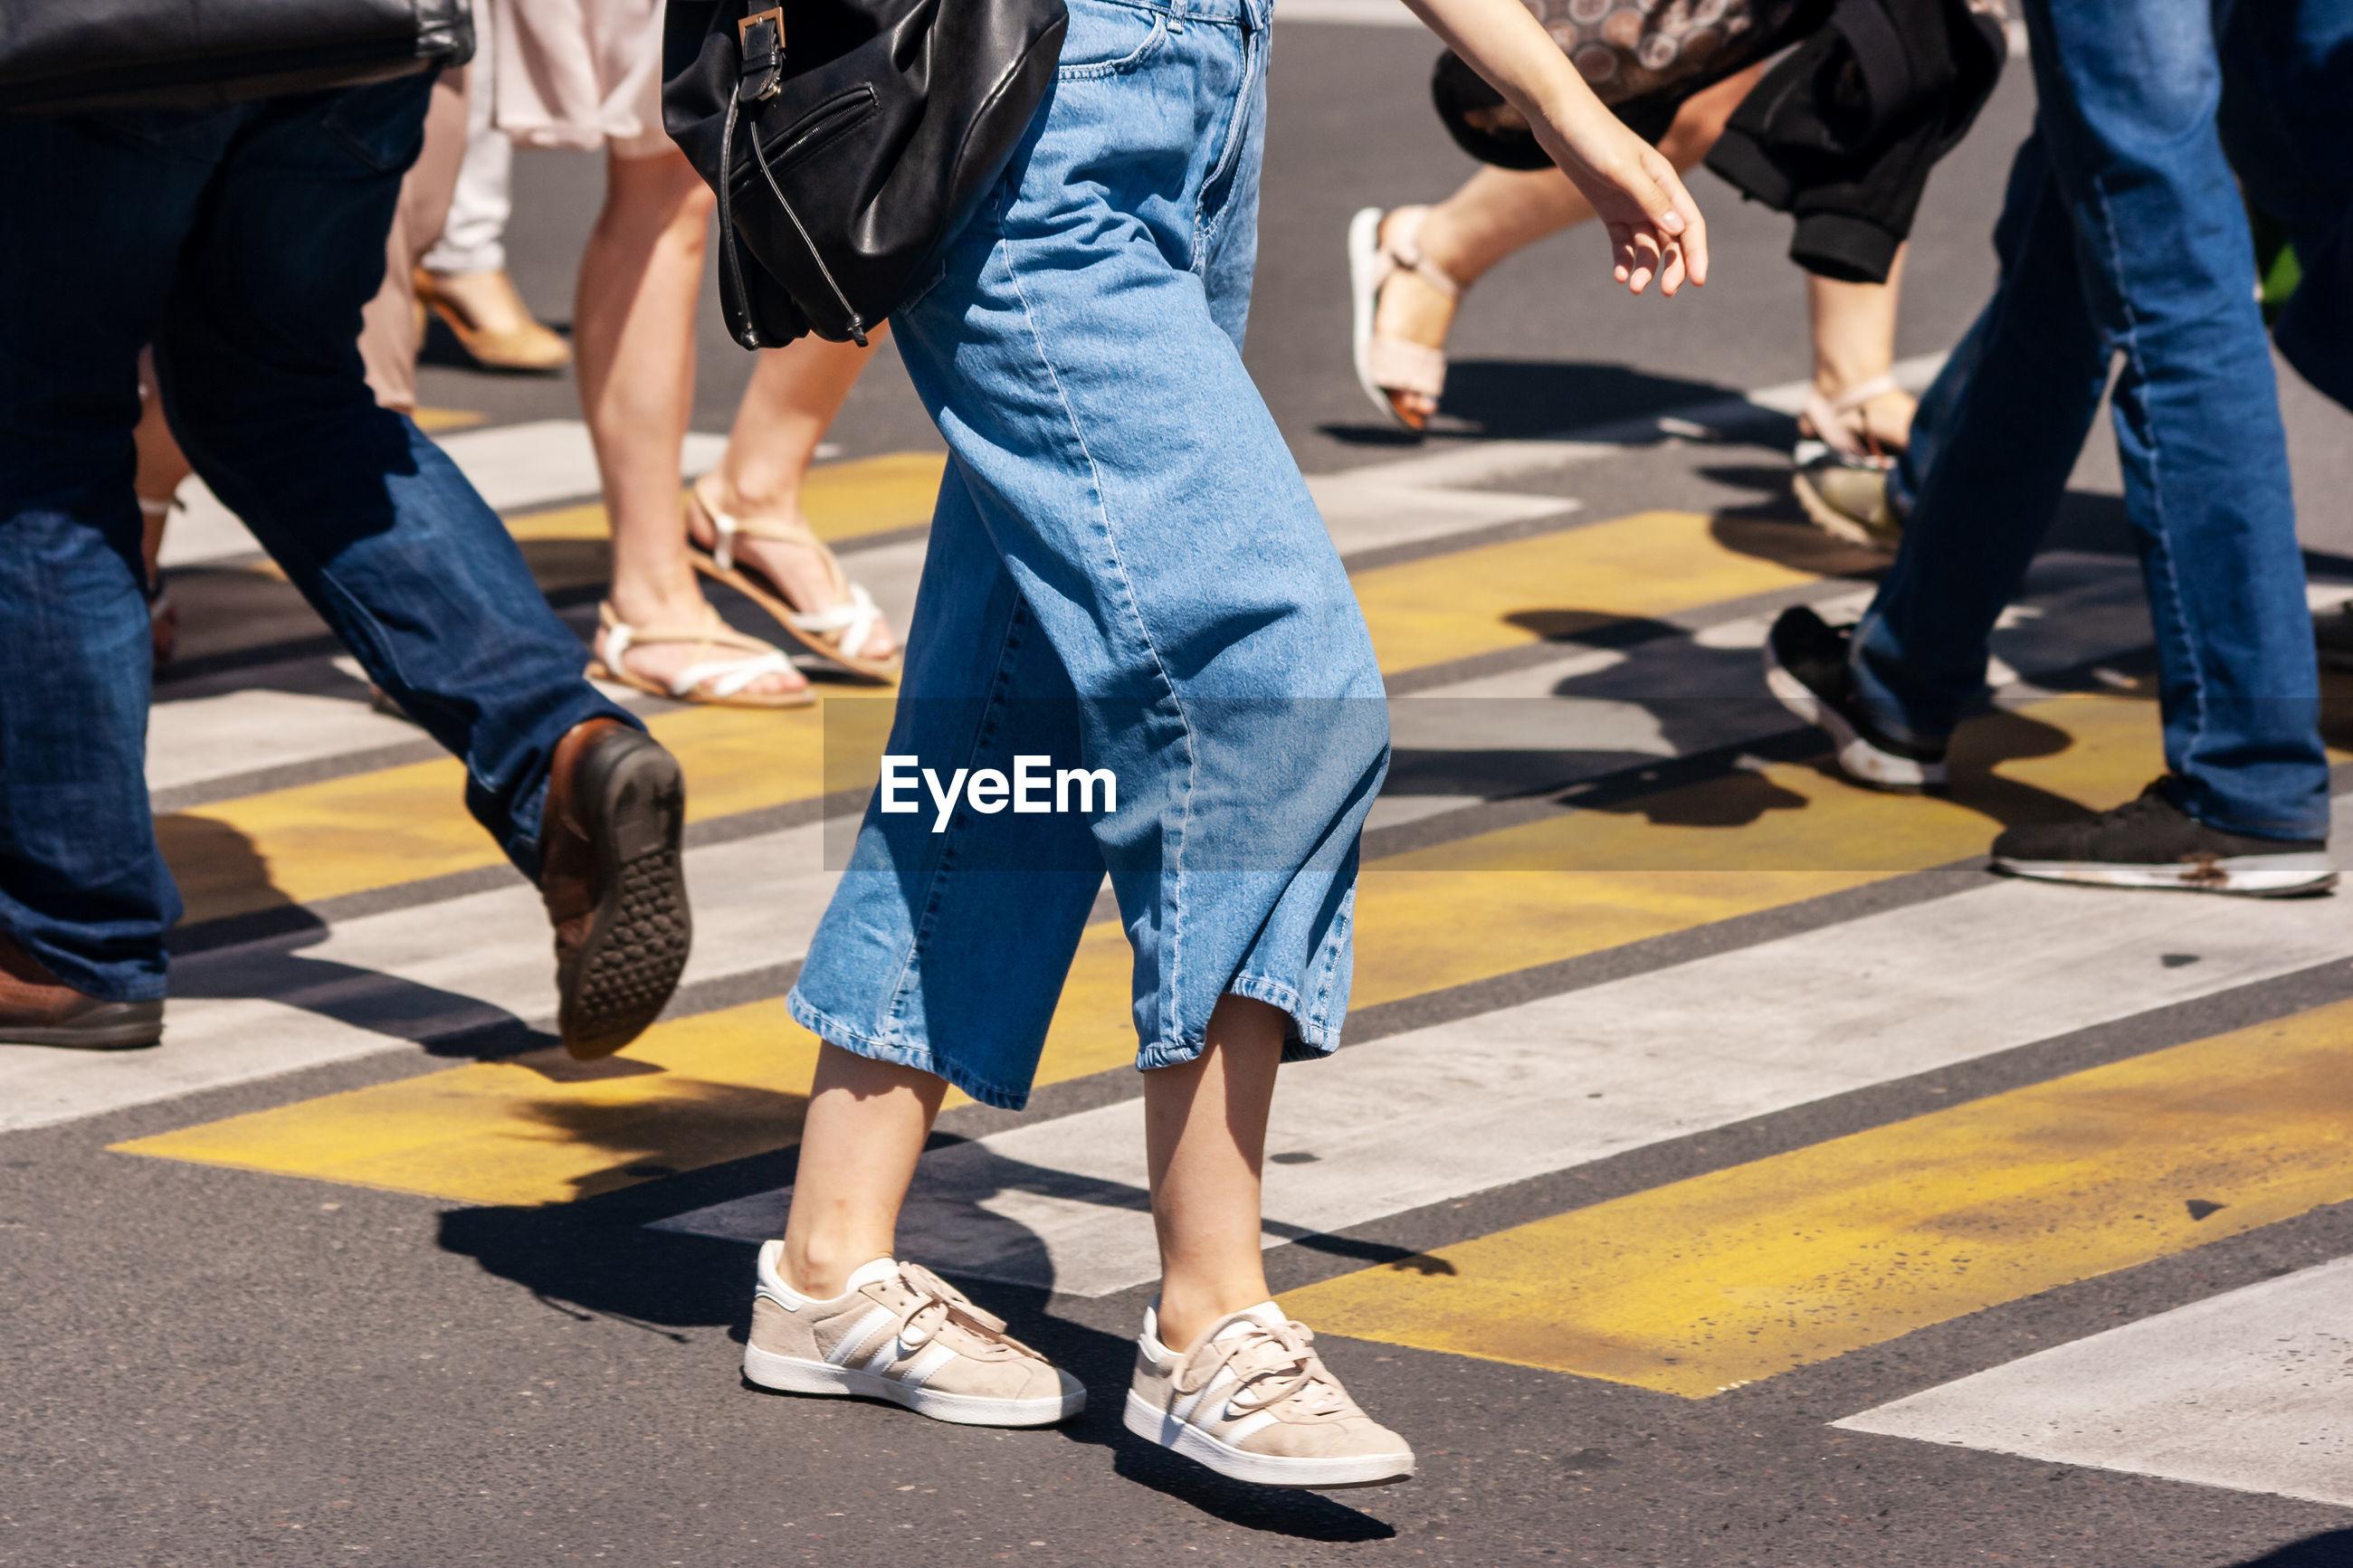 Low section of people walking on crosswalk